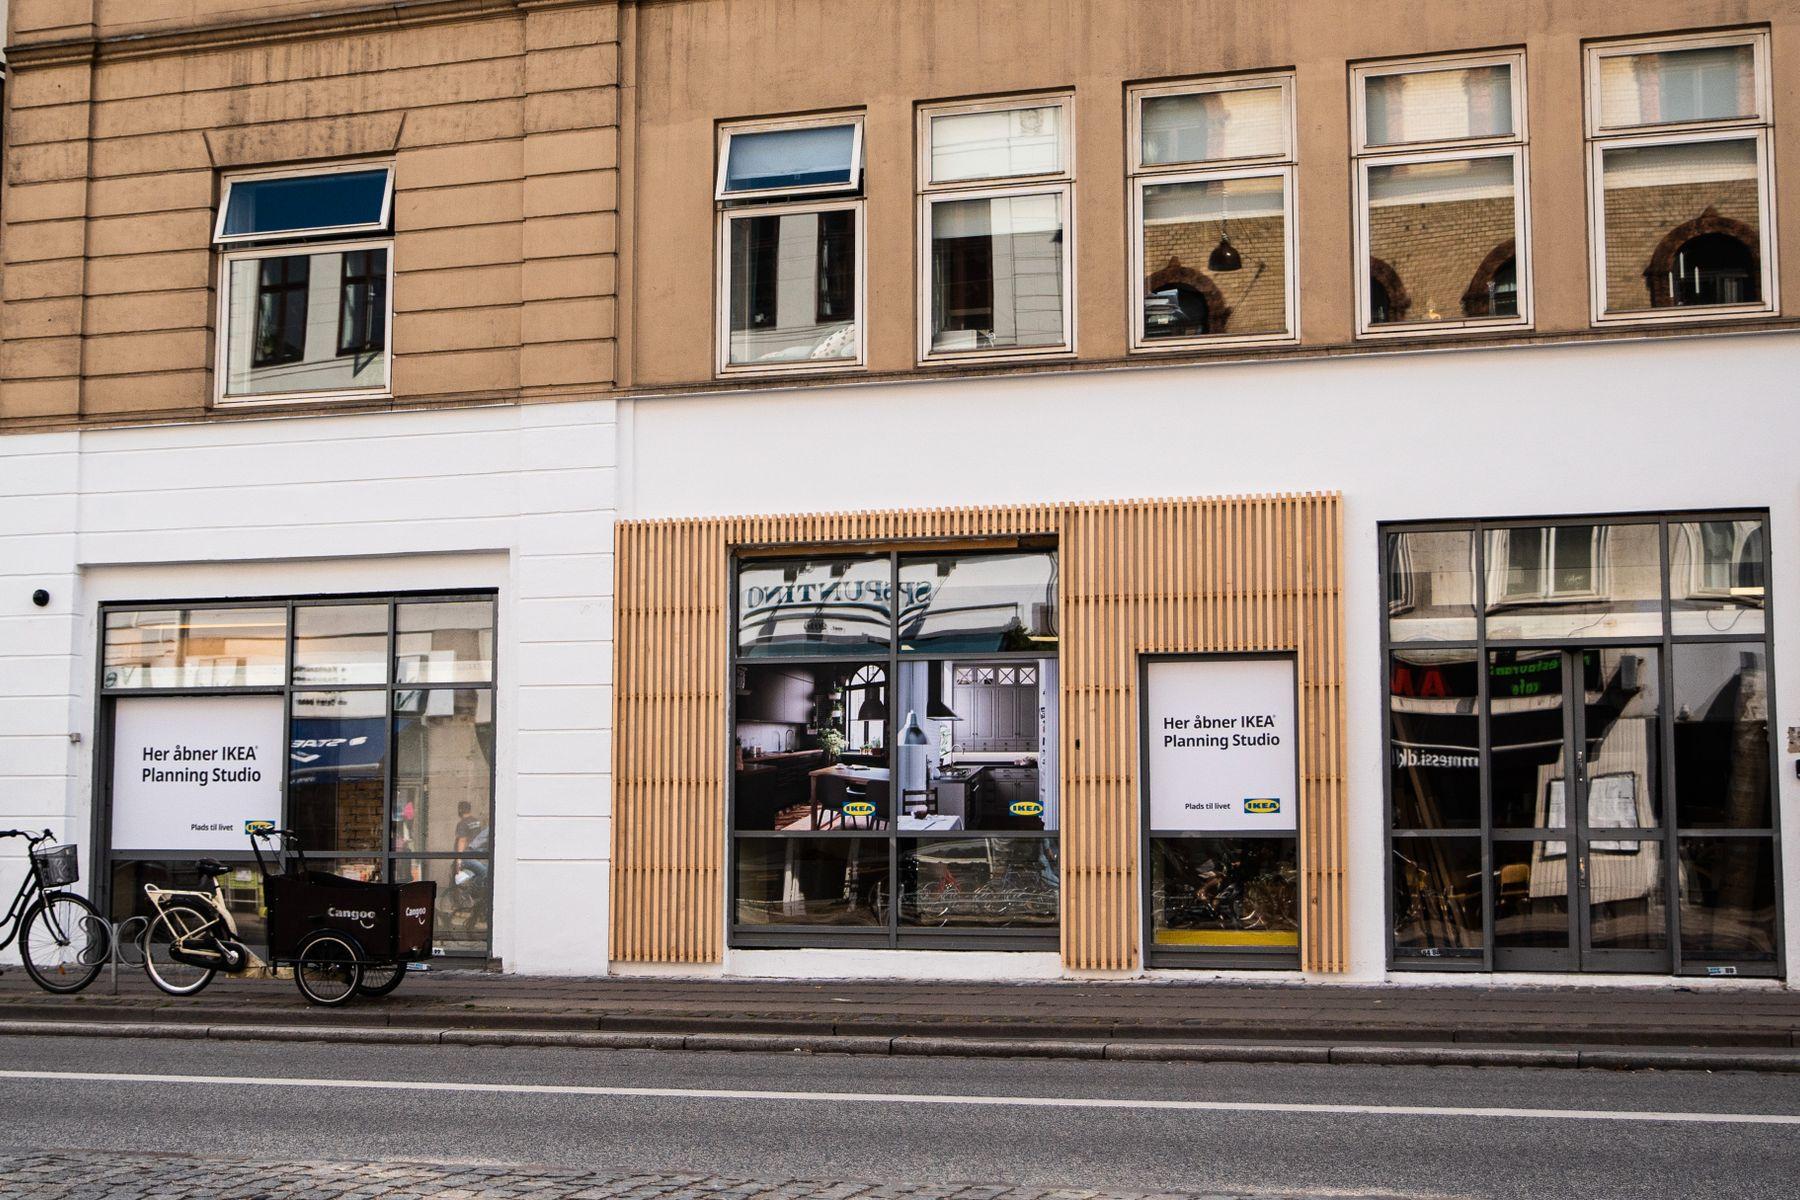 Ny lavpriskjede inntar Norge: Vil etablere 10–15 butikker – E24